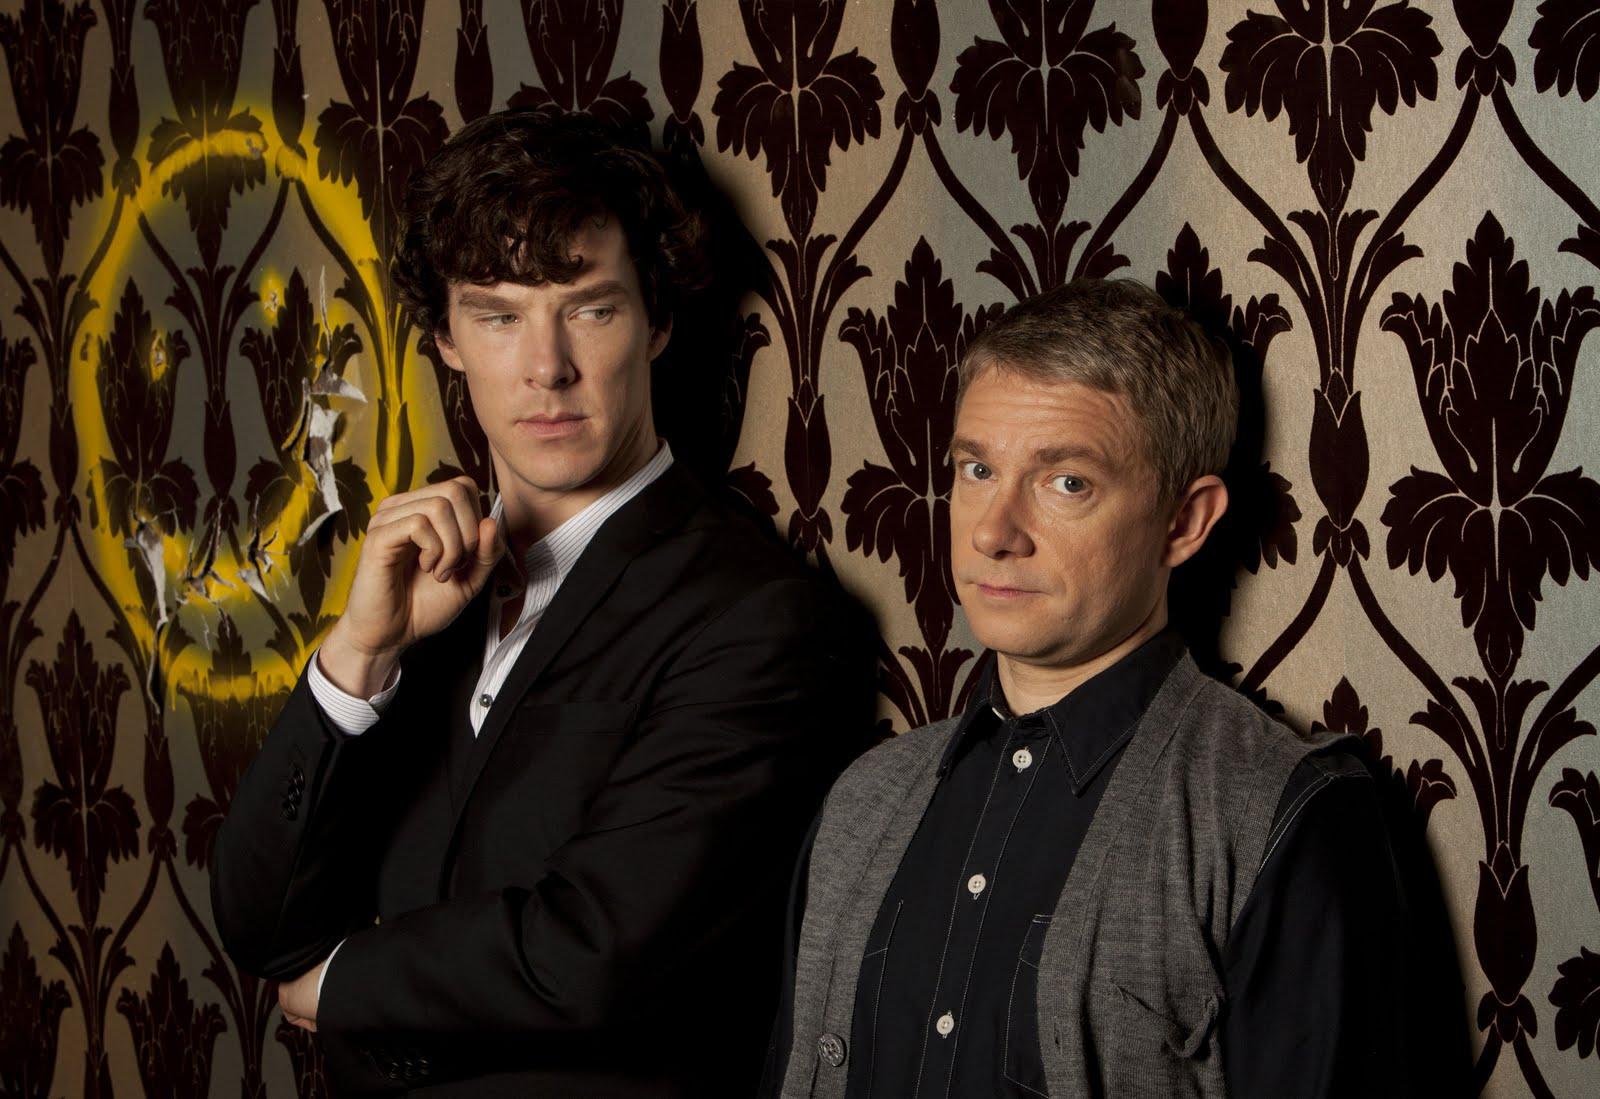 Seriale BBC dostępne w polskiej platformie VOD FilmBox Live. Wiele tytułów trafi do serwisu już w tym roku